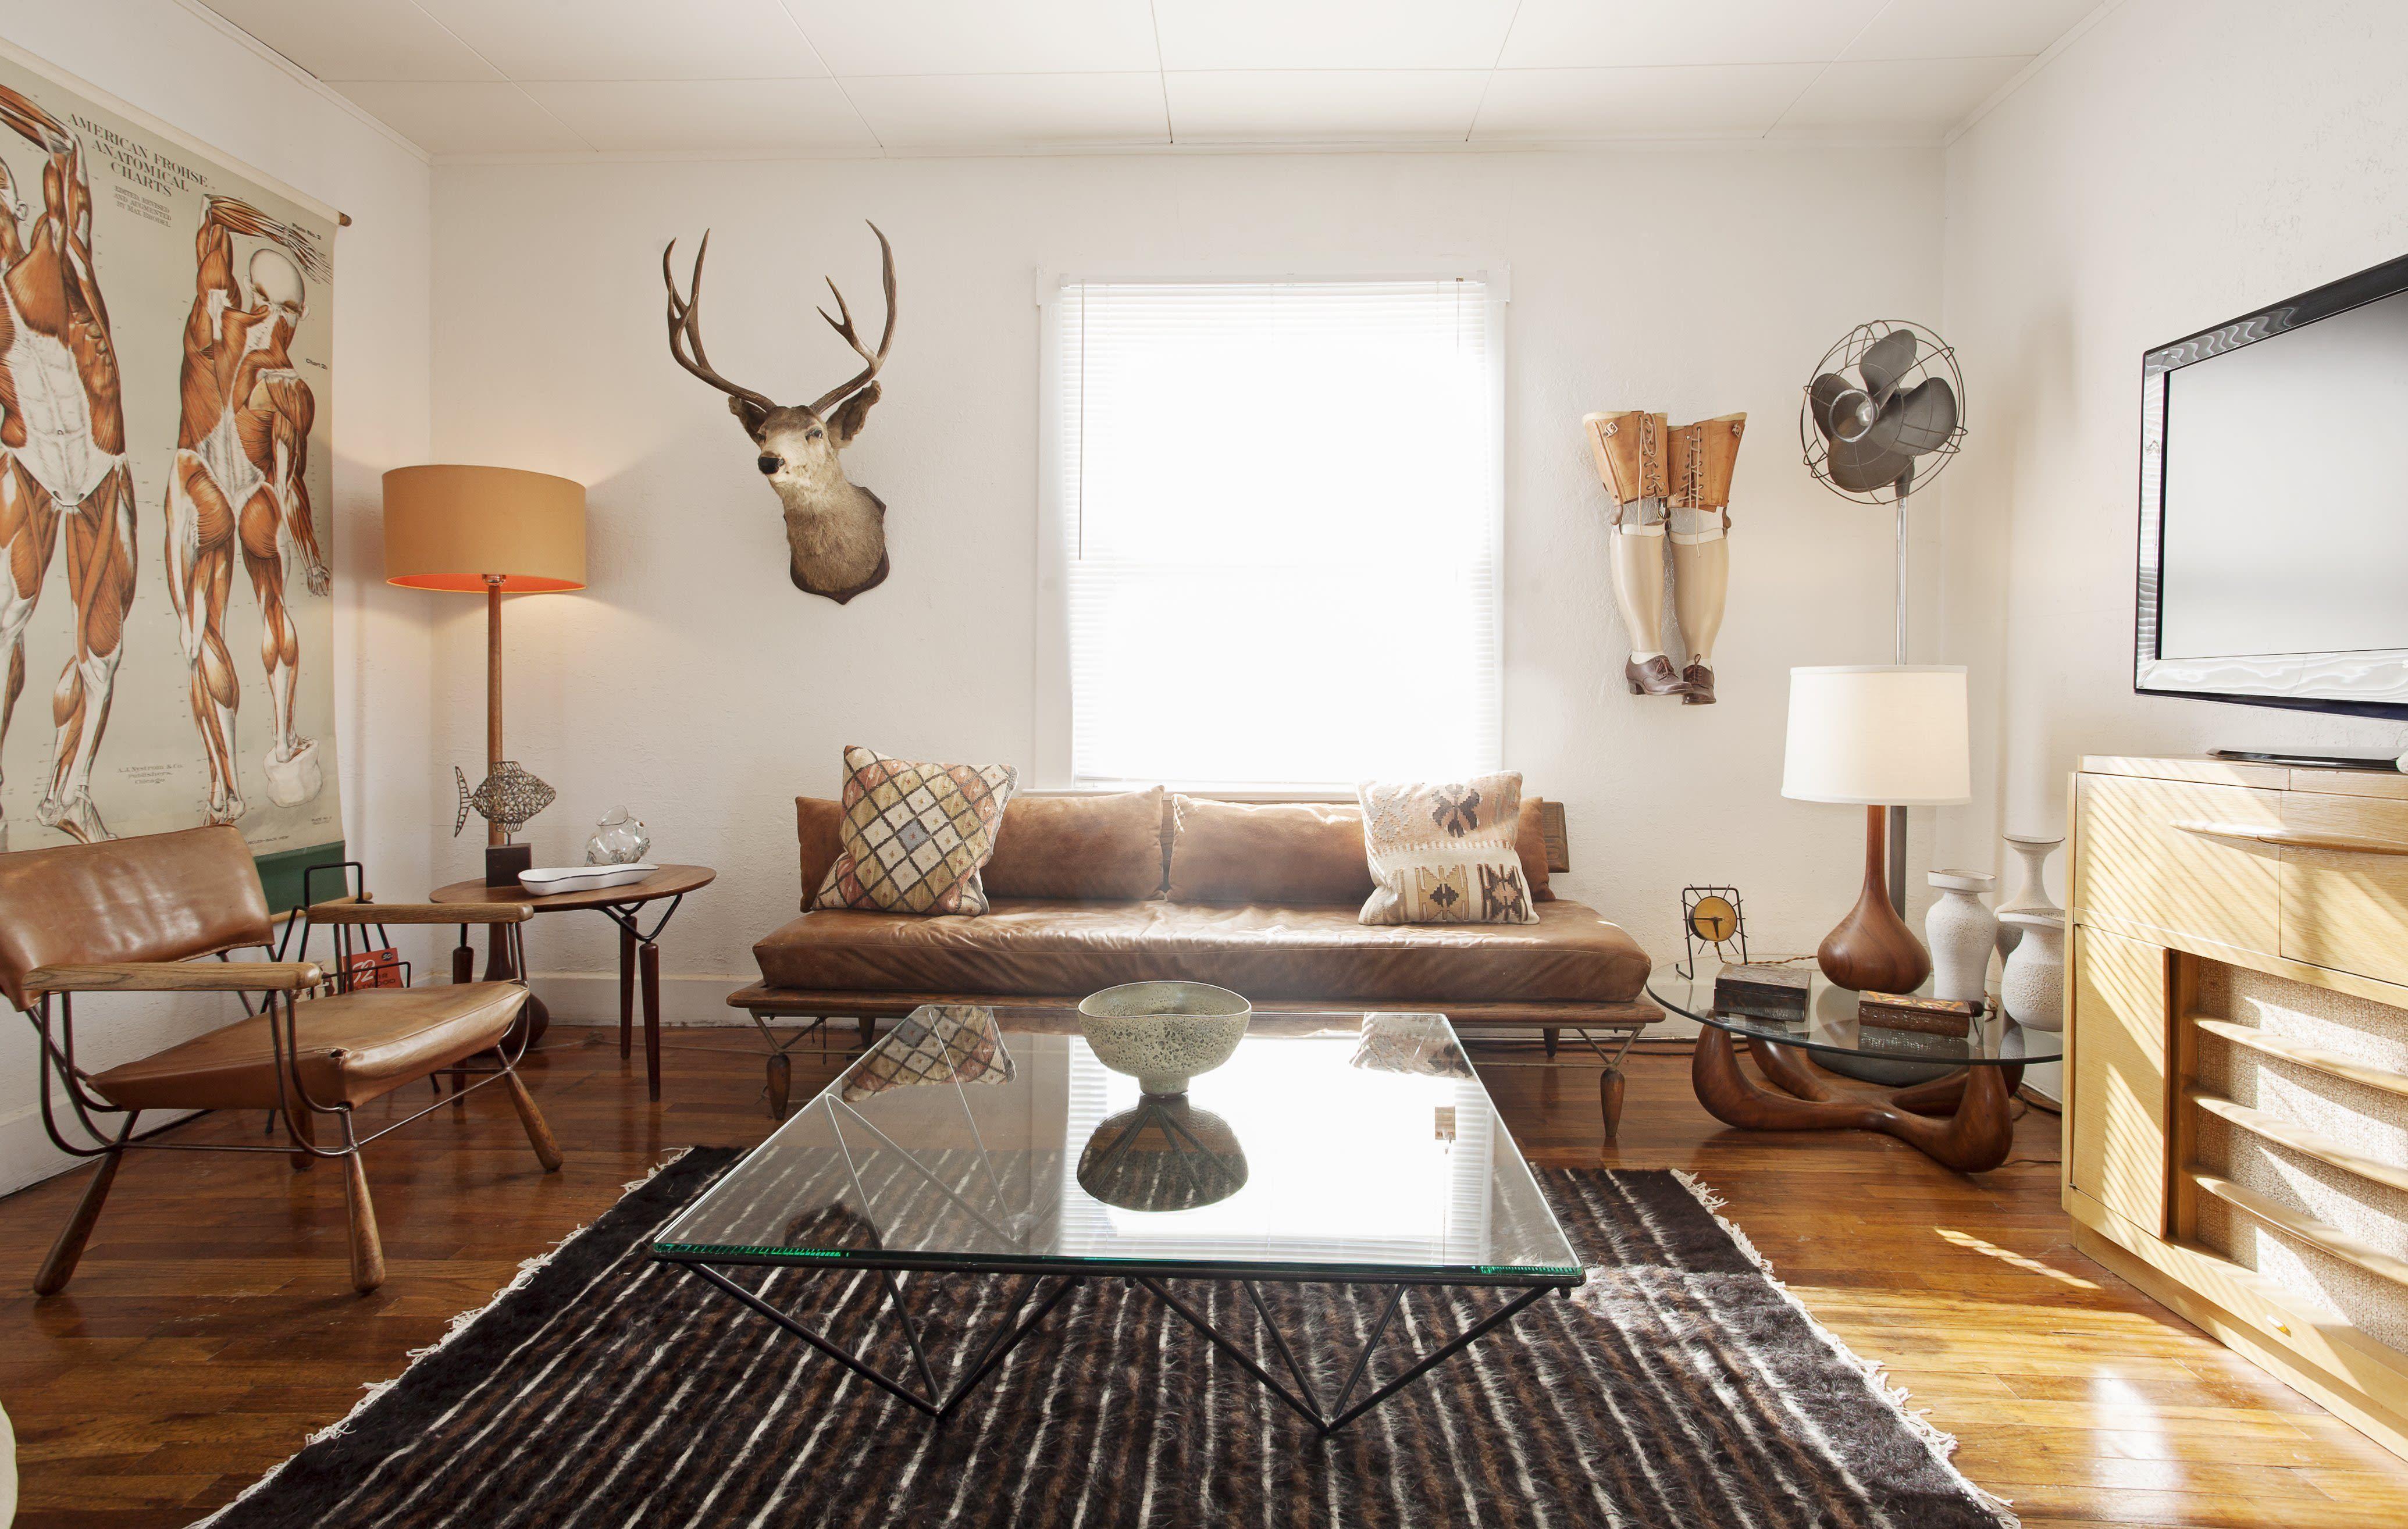 House Tour: A Southwest Modern Arizona Abode | Apartment ...